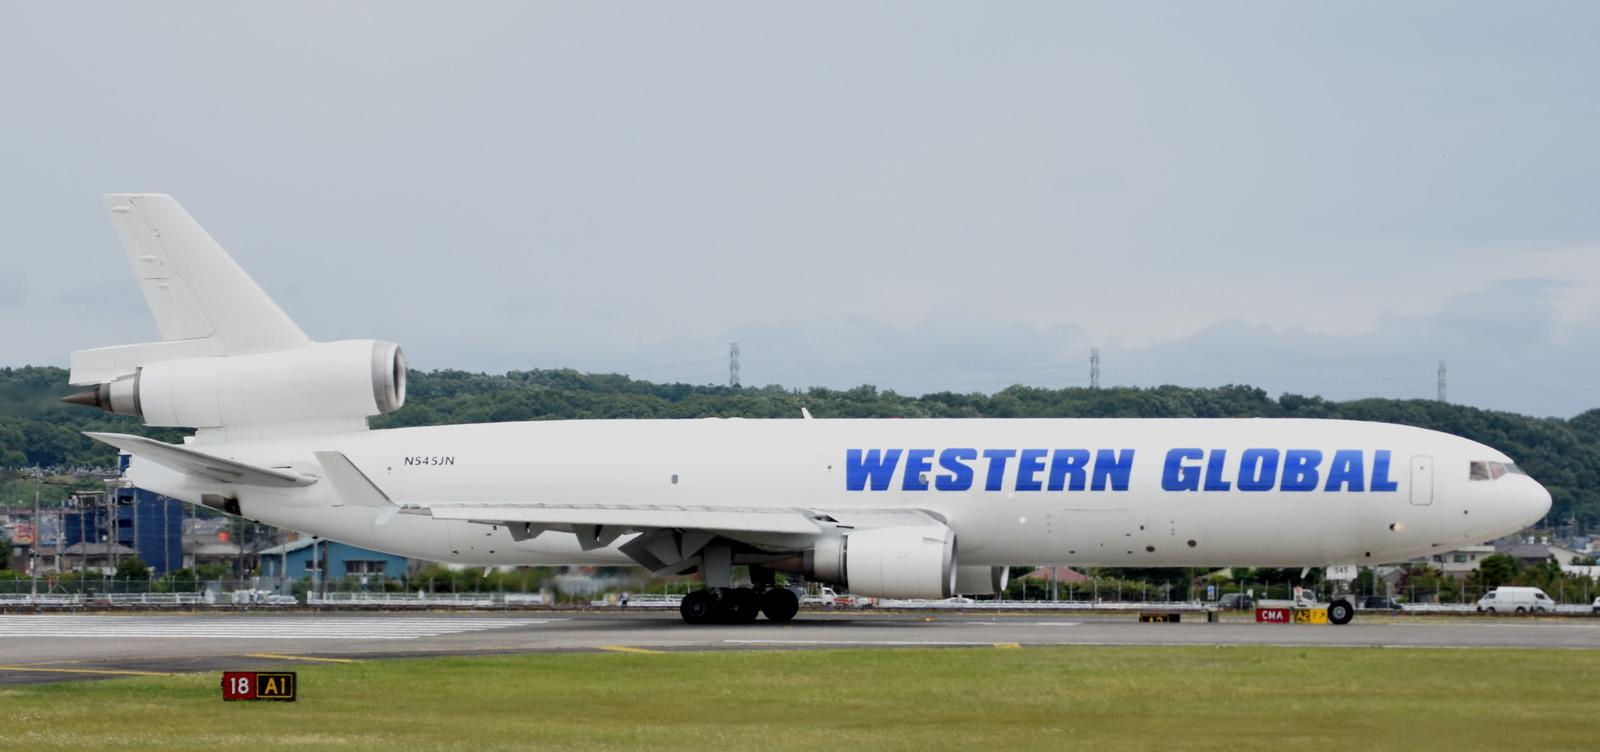 Western170608g580